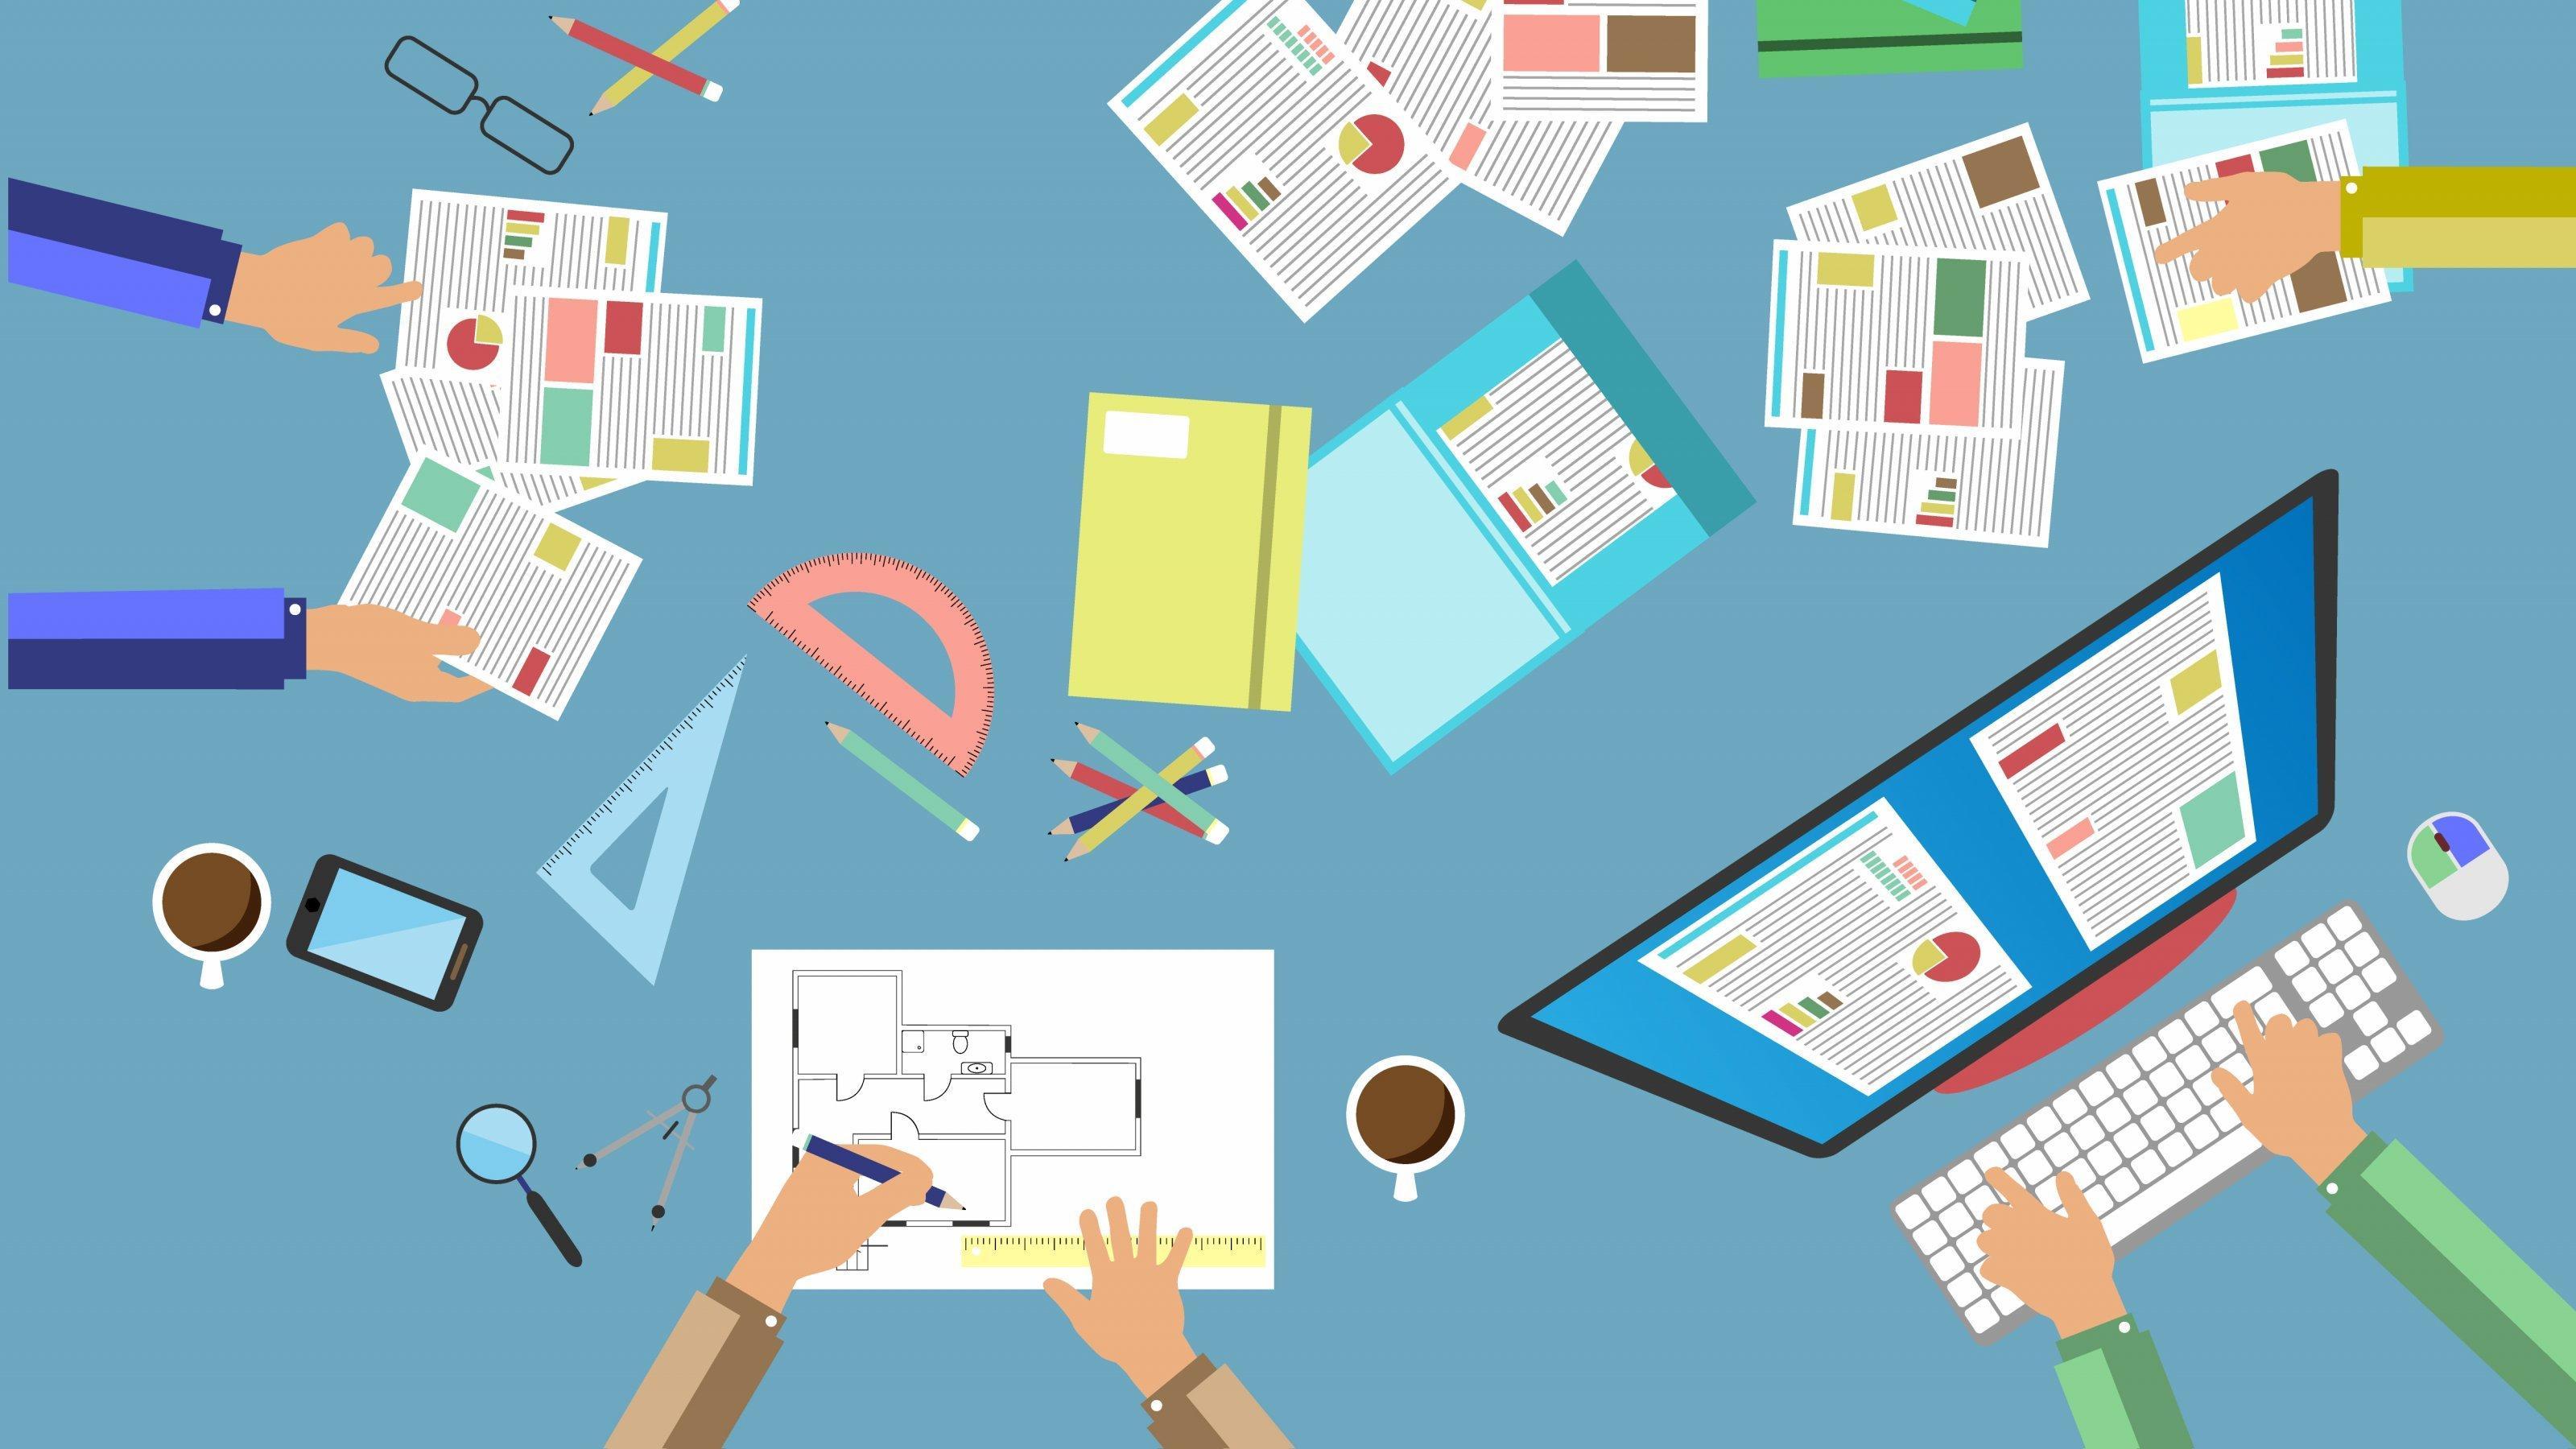 Eine Illustration: Auf einem Tisch liegen Papiere, Lineale, ein Laptop, viele Hände arbeiten gleichzeitig daran.